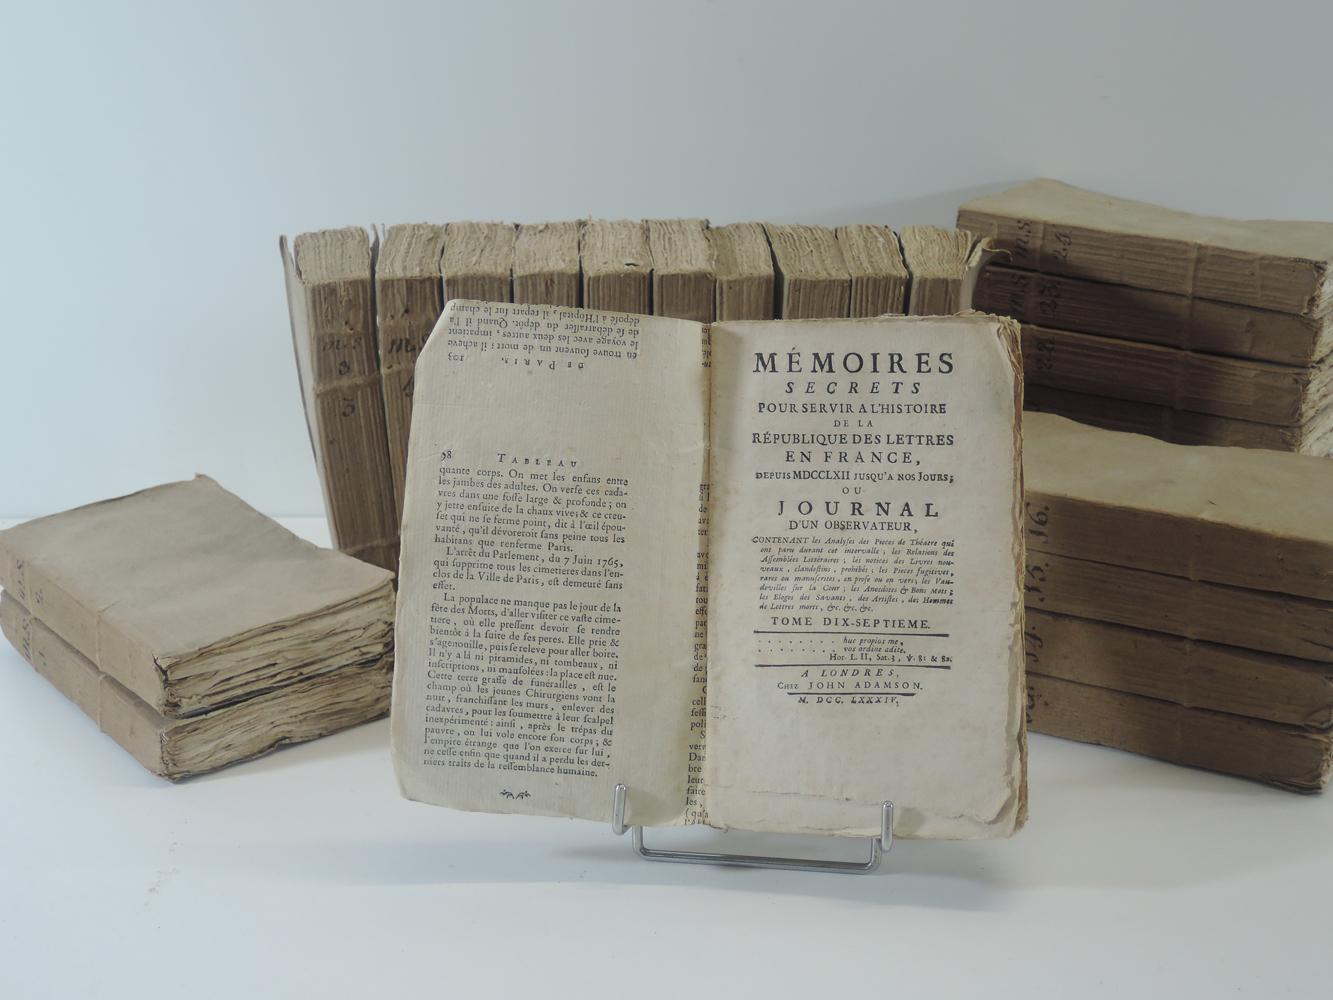 louis-petit-de-bachaumon-memoires-secrets-pour-servir-a-l-histoire-de-la-republique-des-lettres-en-france-de-1762-a1787-chez-john-adamson-londres-1784--6